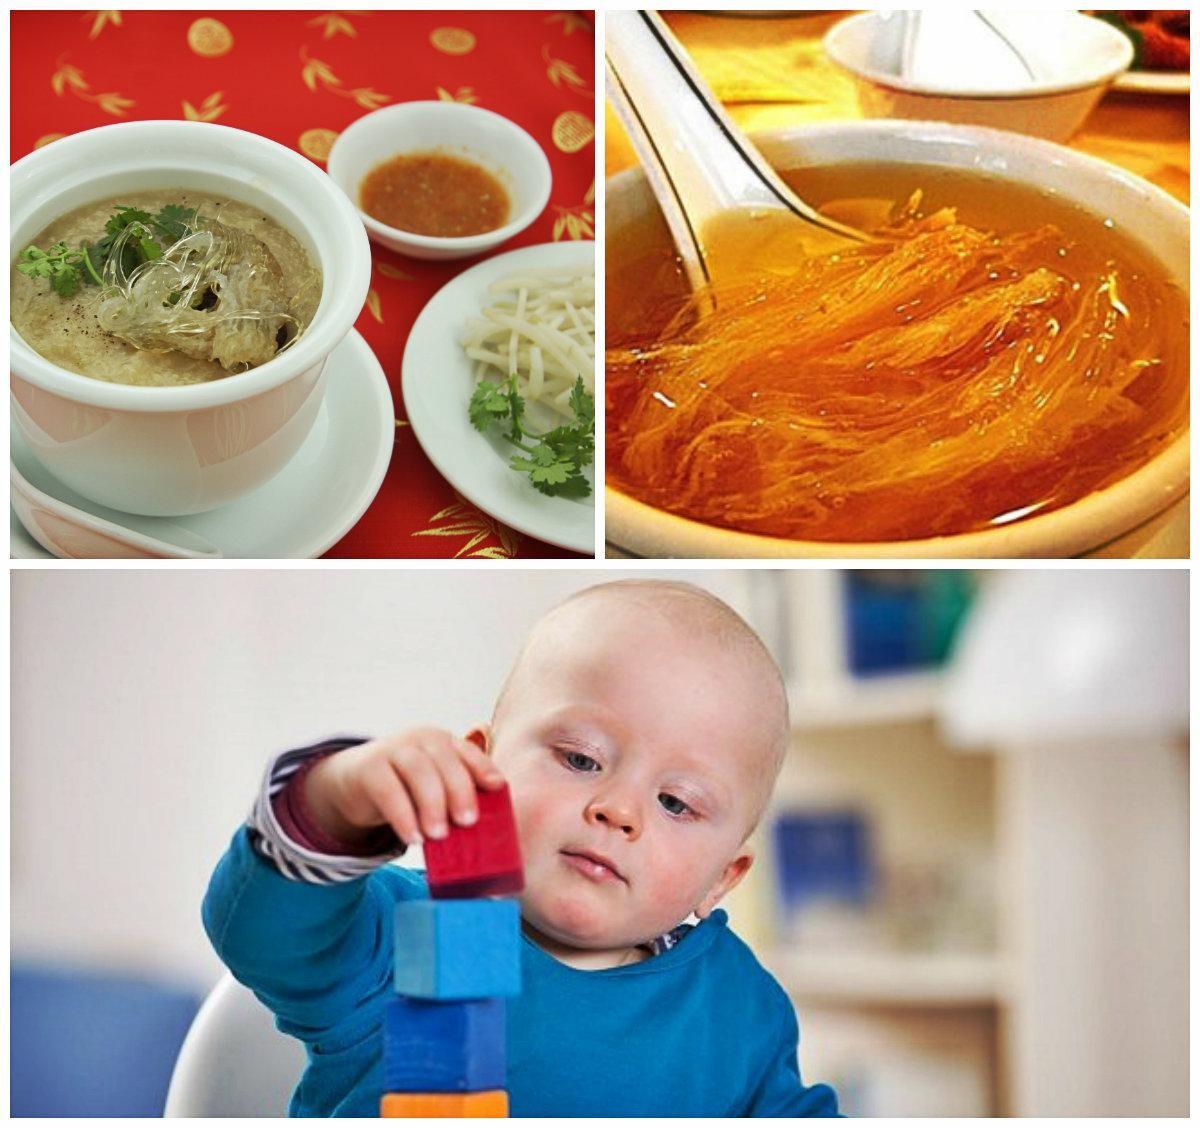 Tổ yến giúp ngăn ngừa các chứng bệnh về tiêu hóa ở trẻ